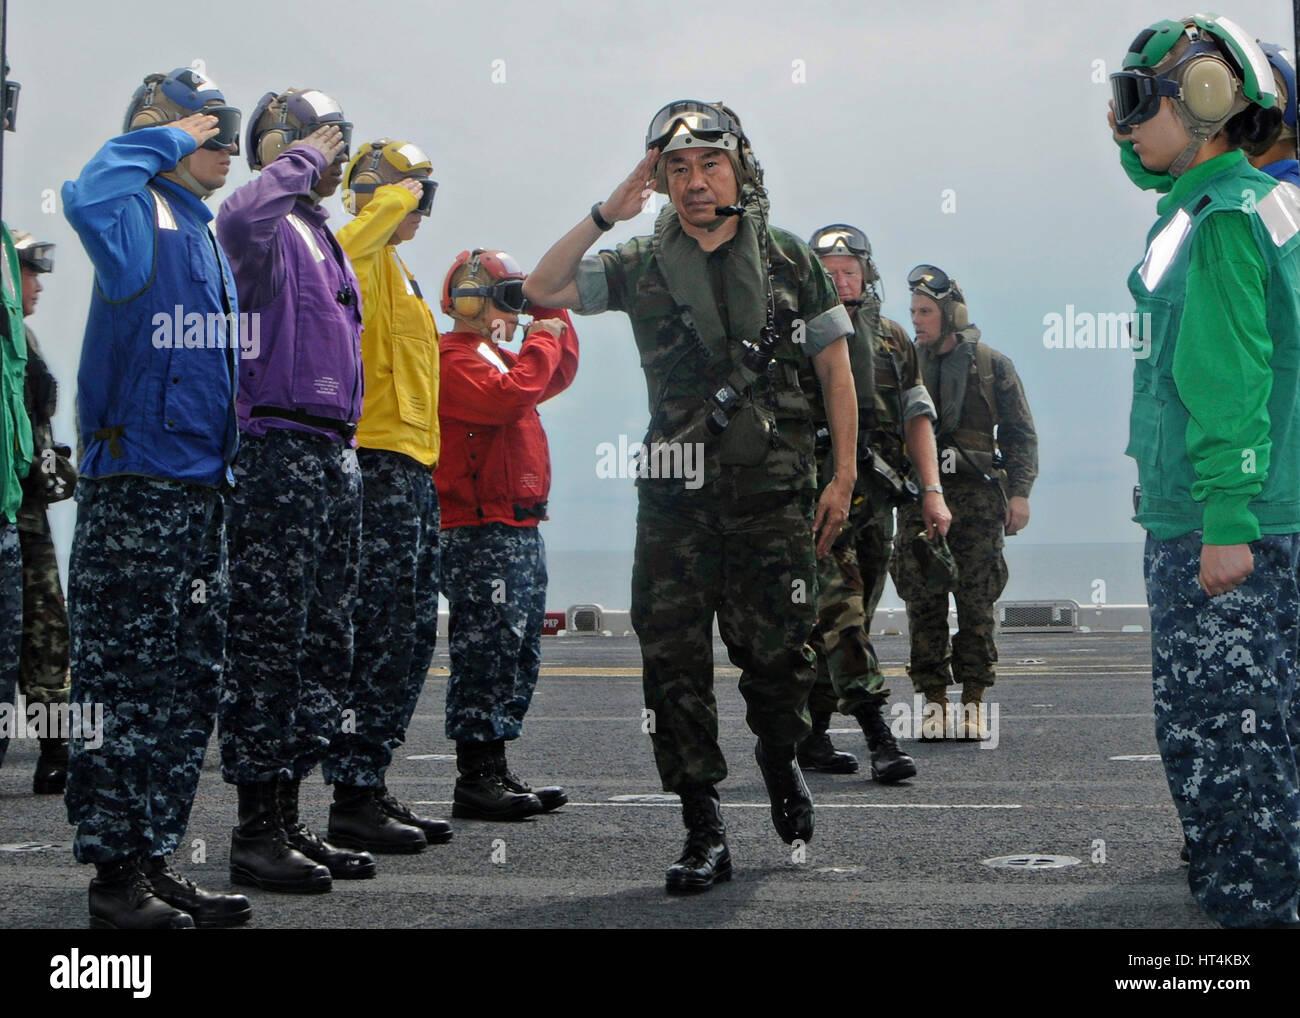 Royal Thai Armed Forces Chief of Defense Jaggabatara